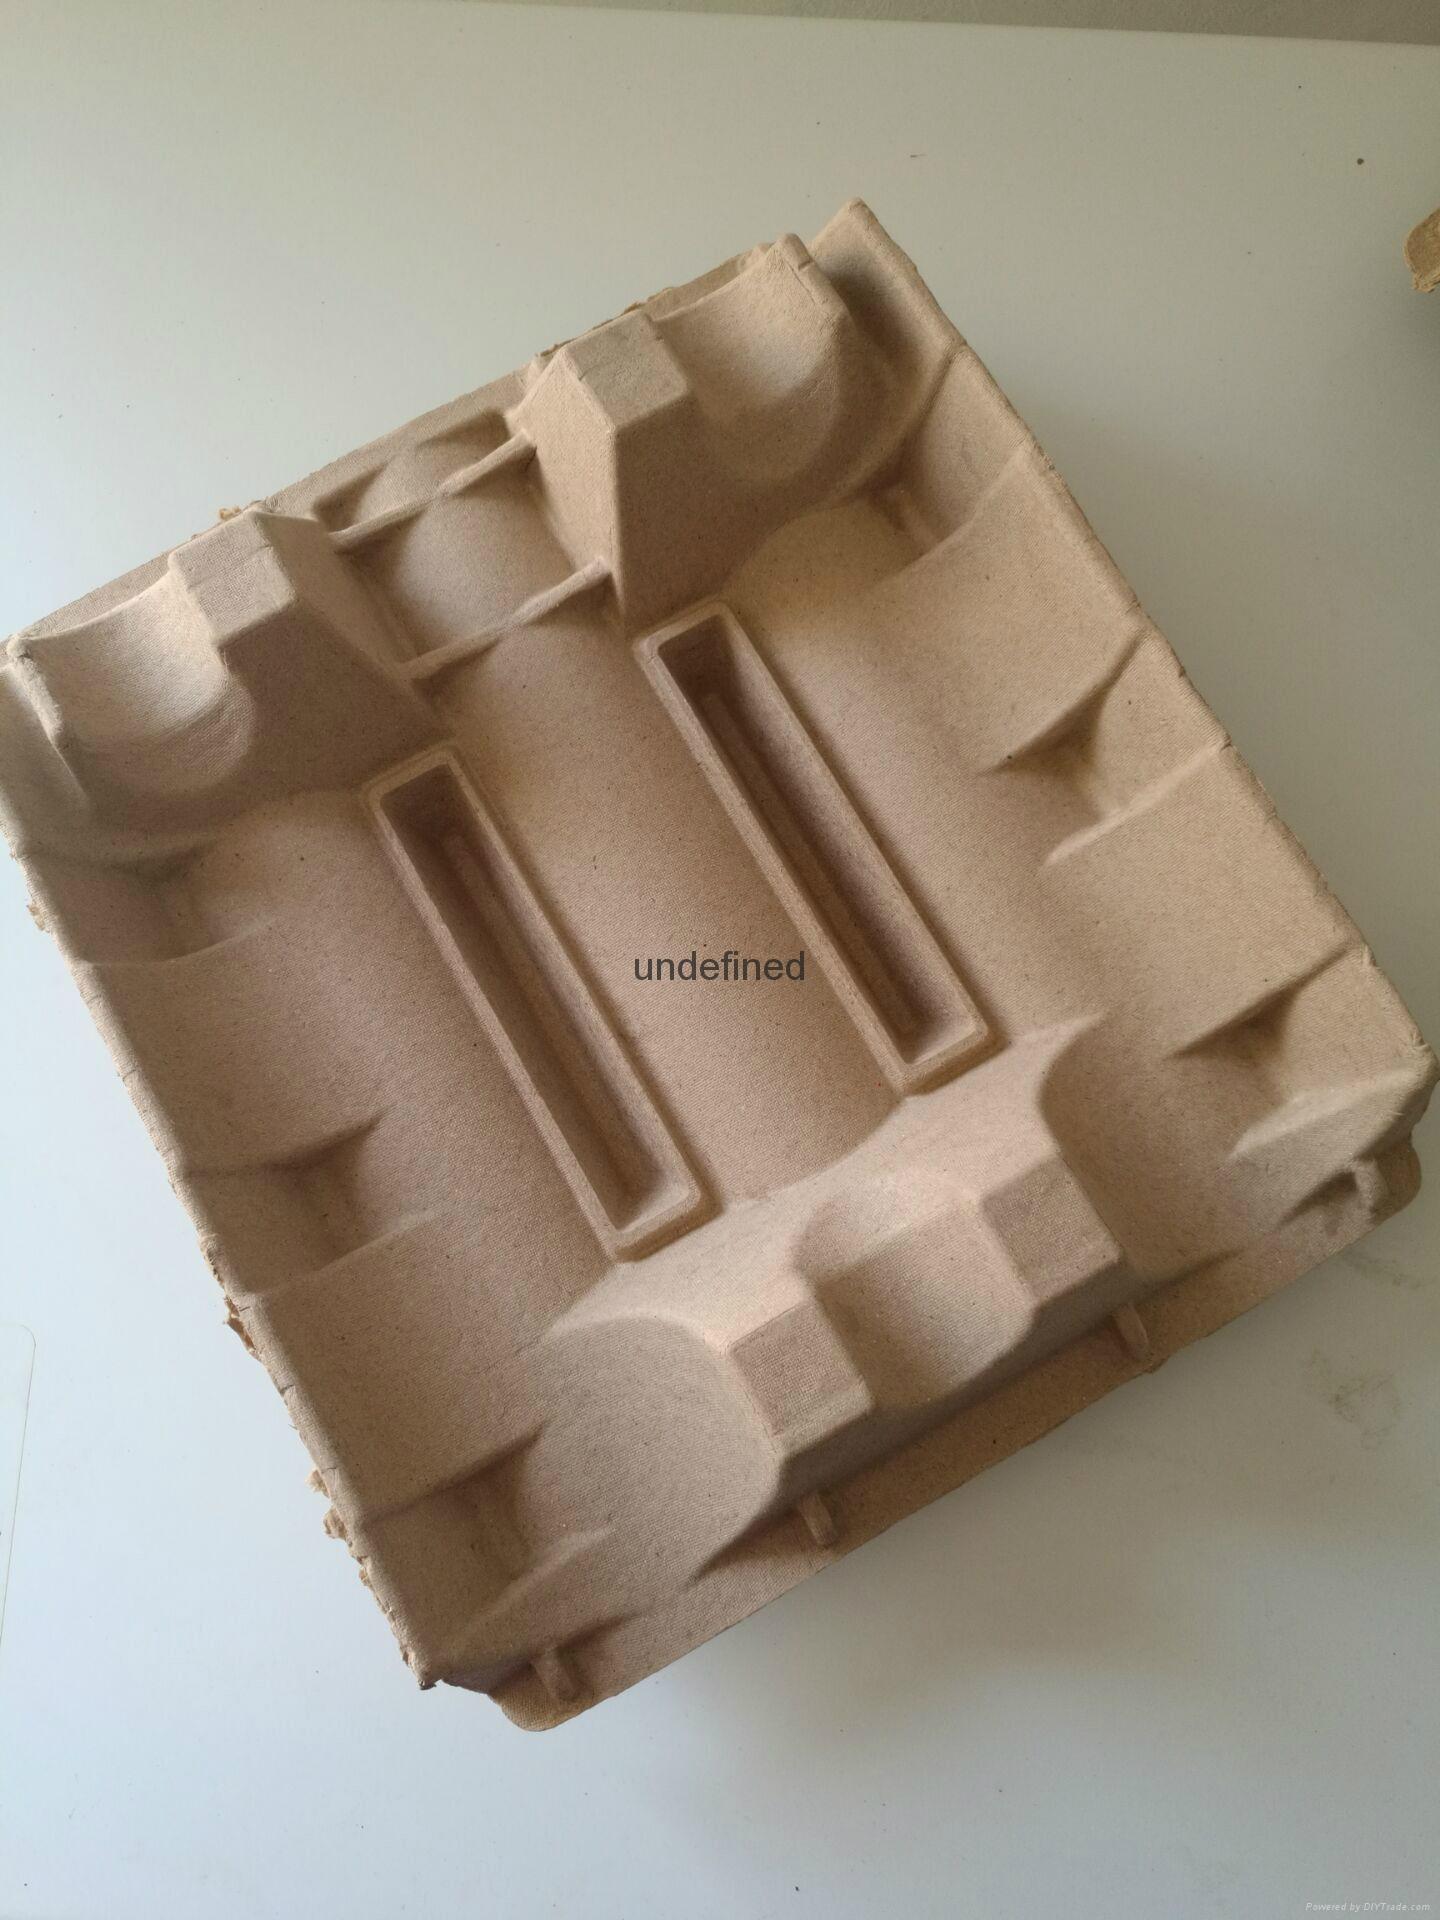 紅酒紙托 雞蛋托 紙漿模塑包裝 2